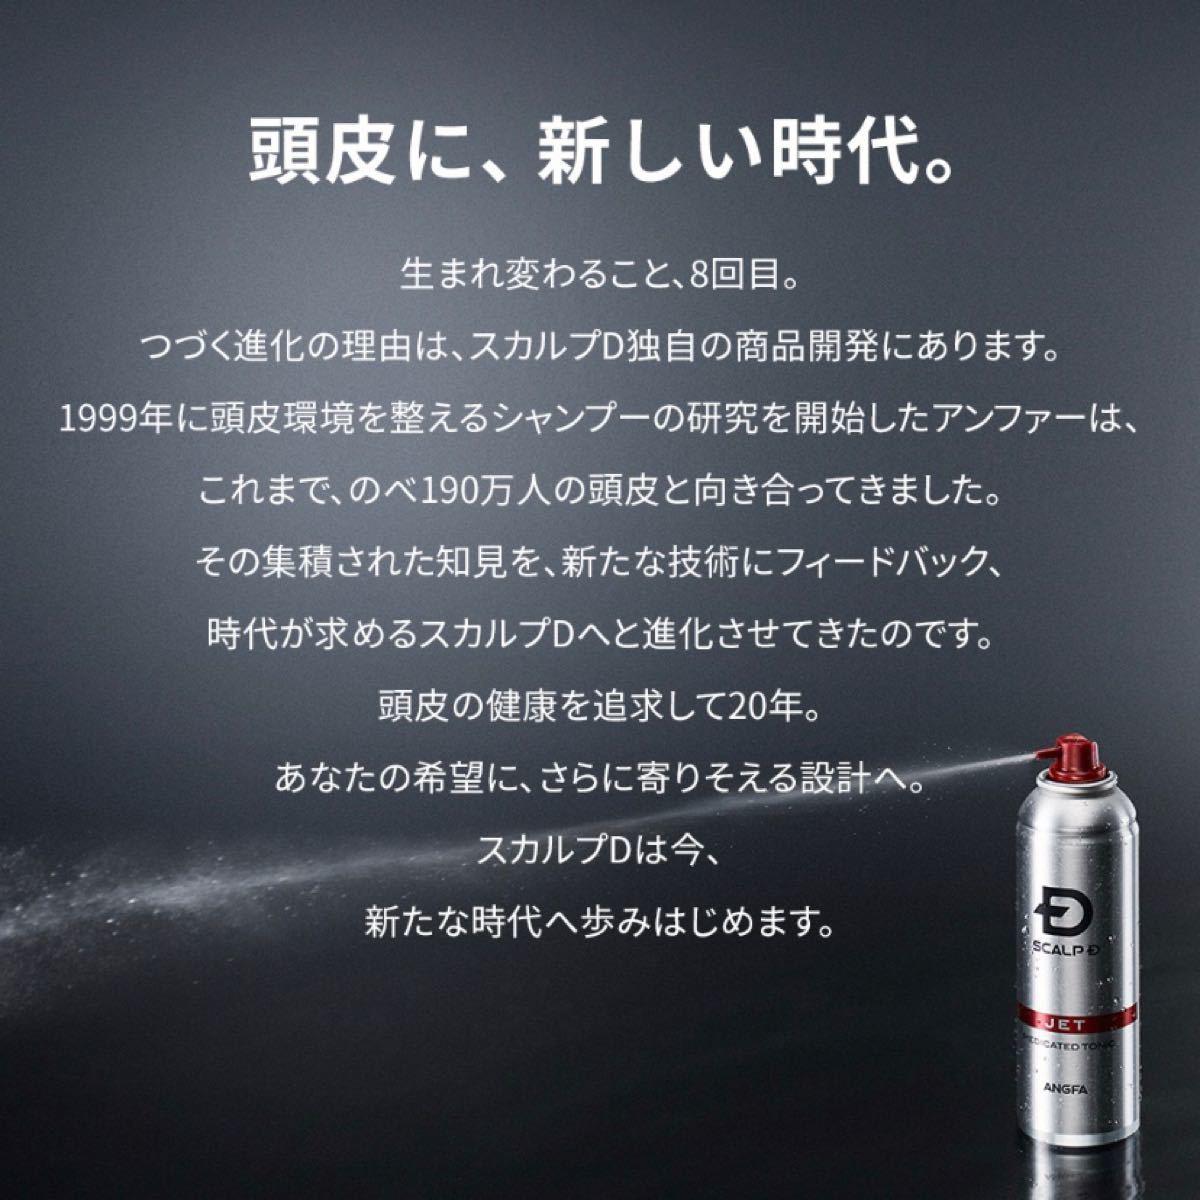 【新品・未使用】アンファー スカルプD 薬用スカルプジェット 180ml 3本